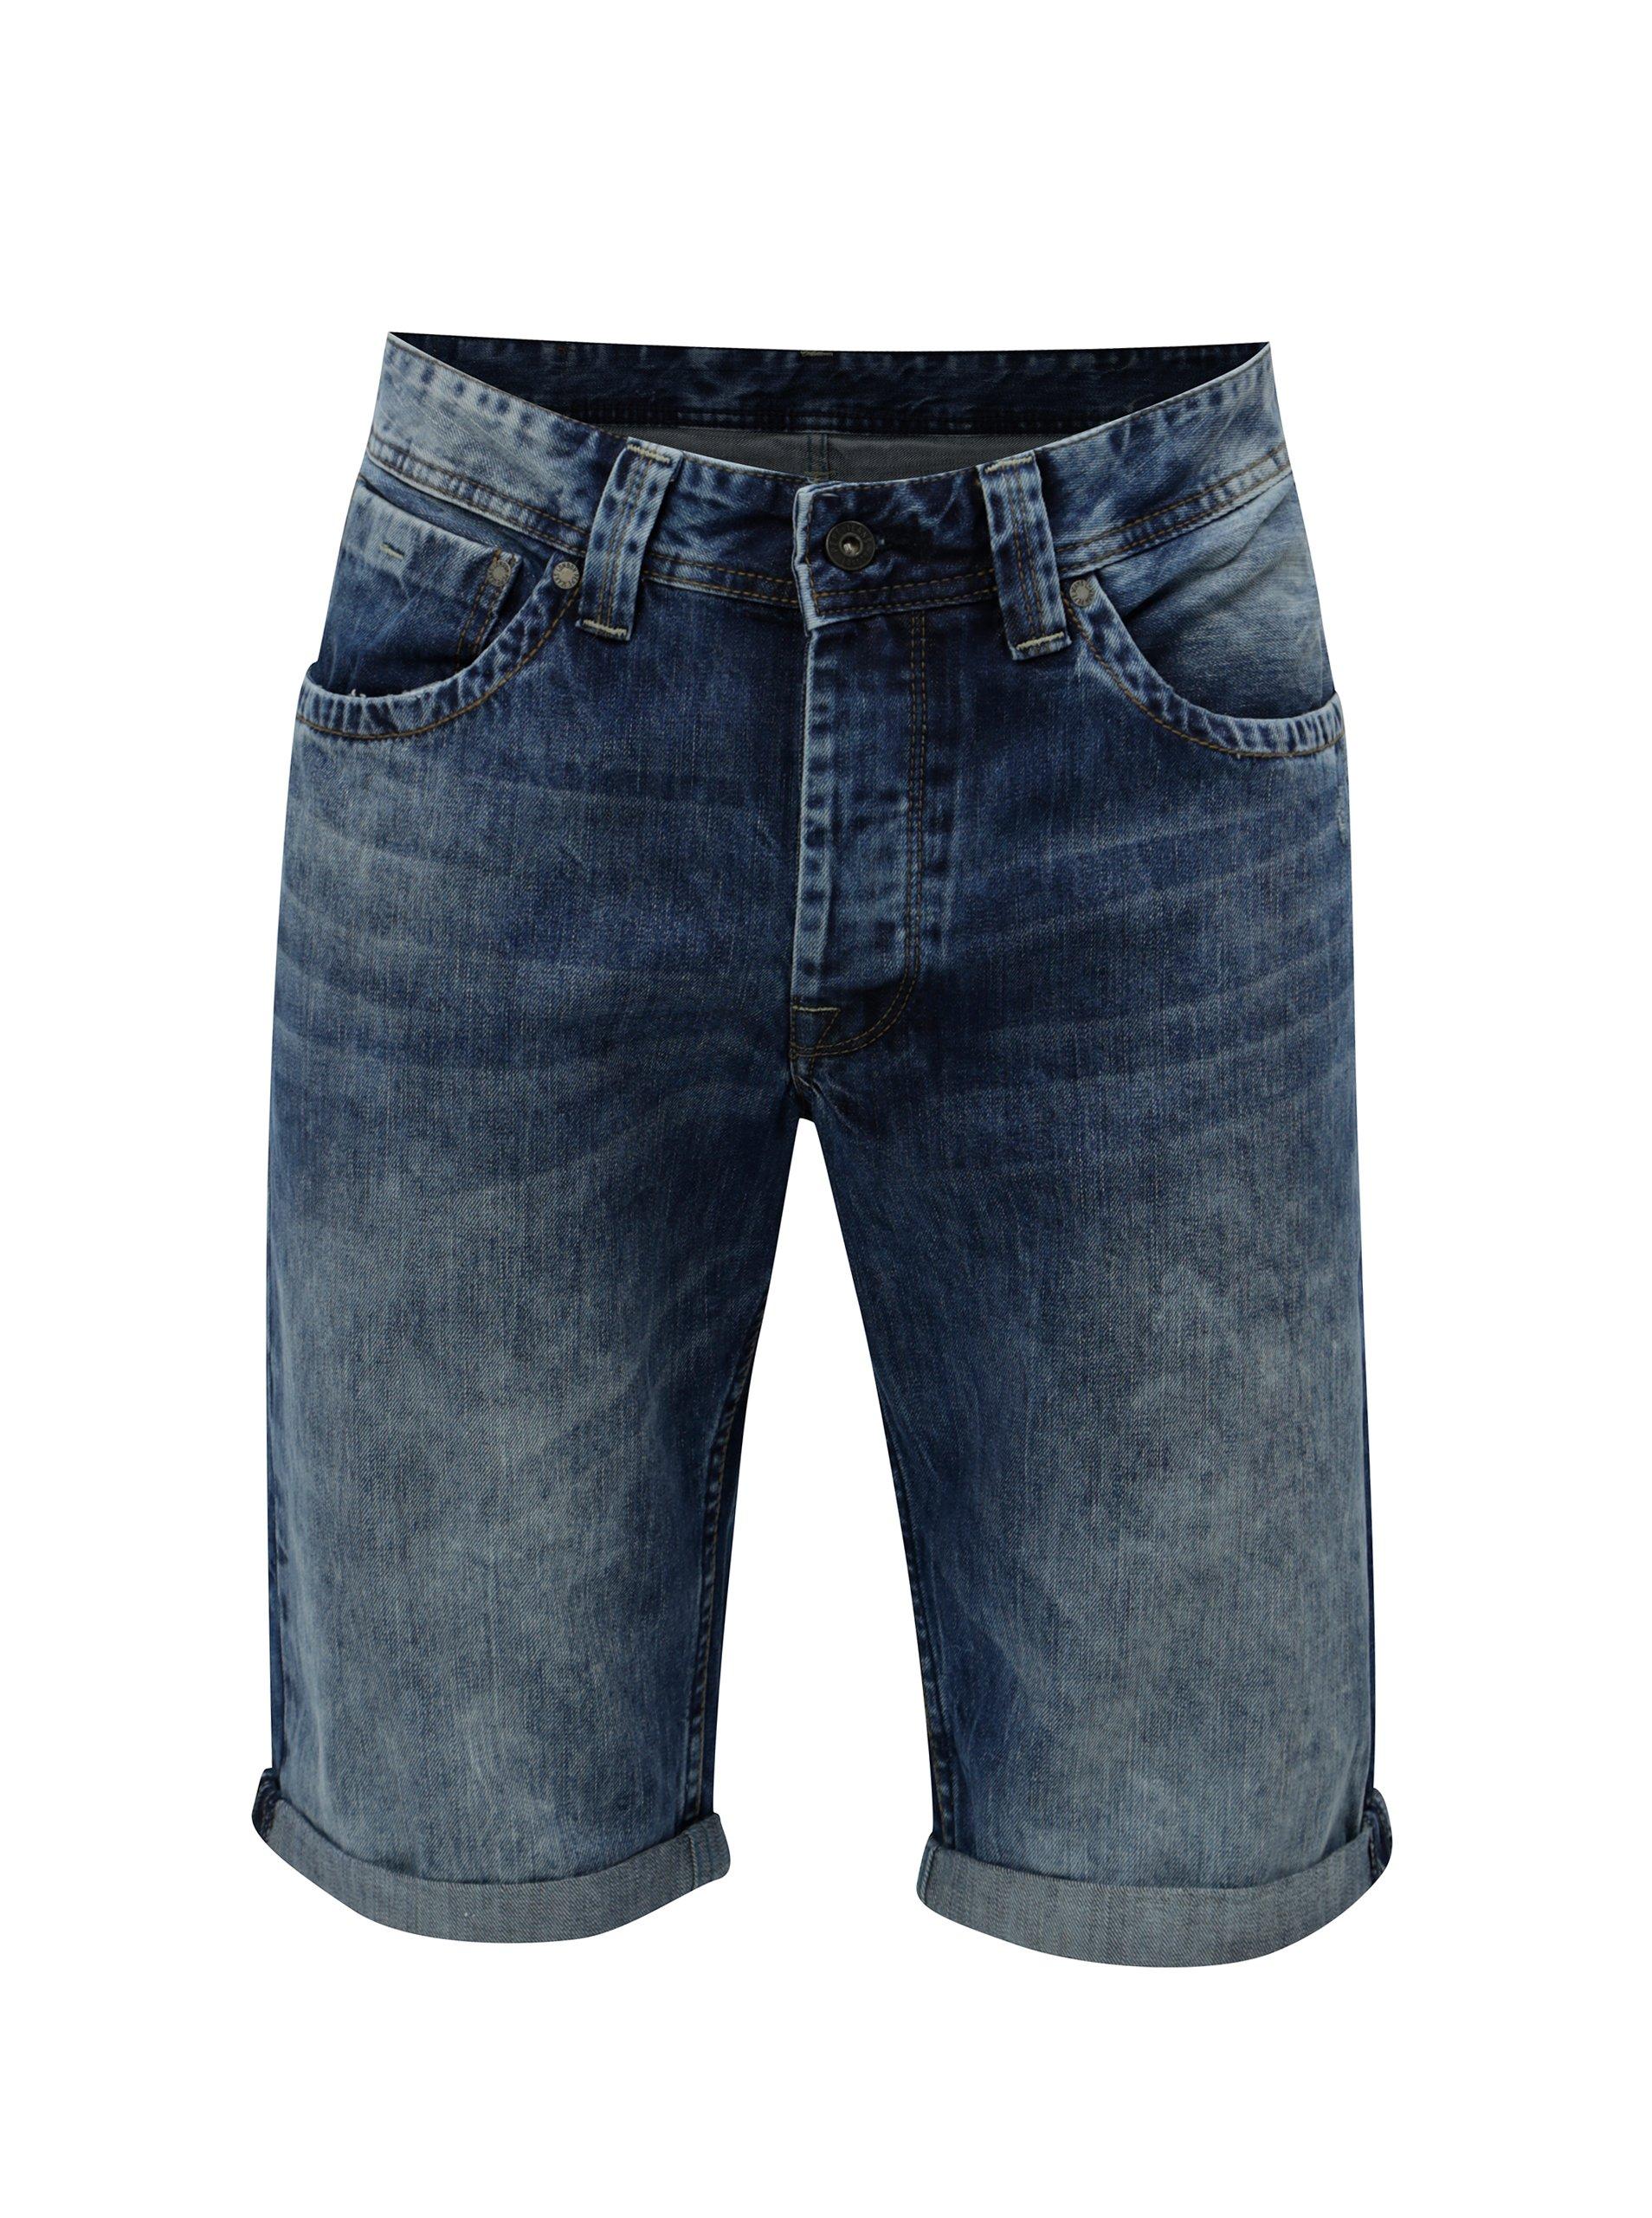 6688dc90a6f Tmavě modré pánské džínové kraťasy Pepe Jeans Crash short